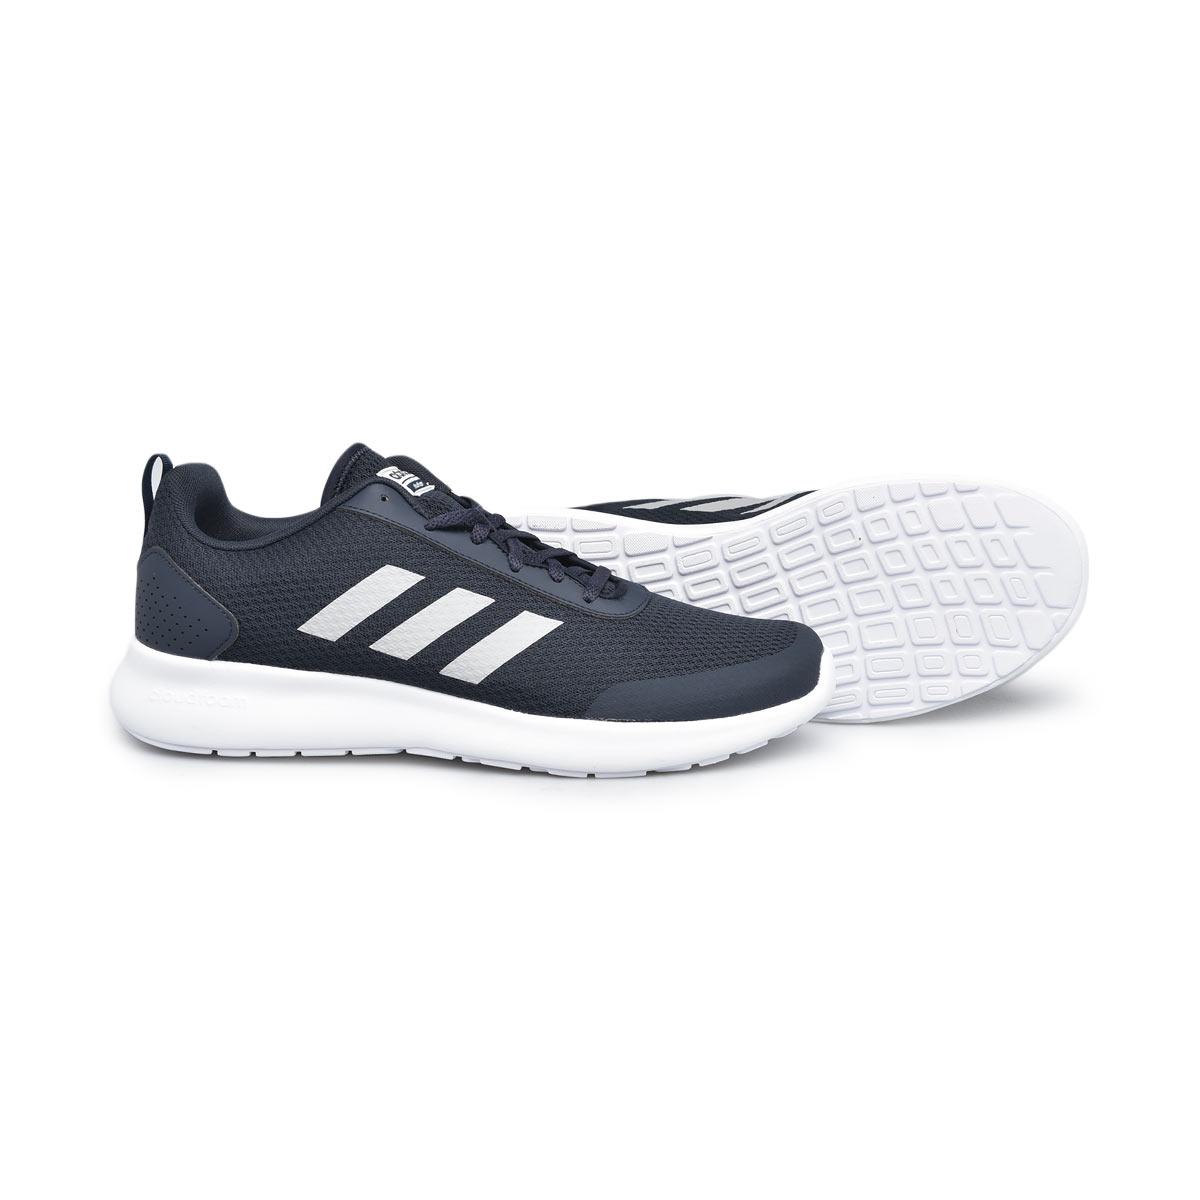 adidas Argecy Running Shoes Sepatu Lari Pria EG3560